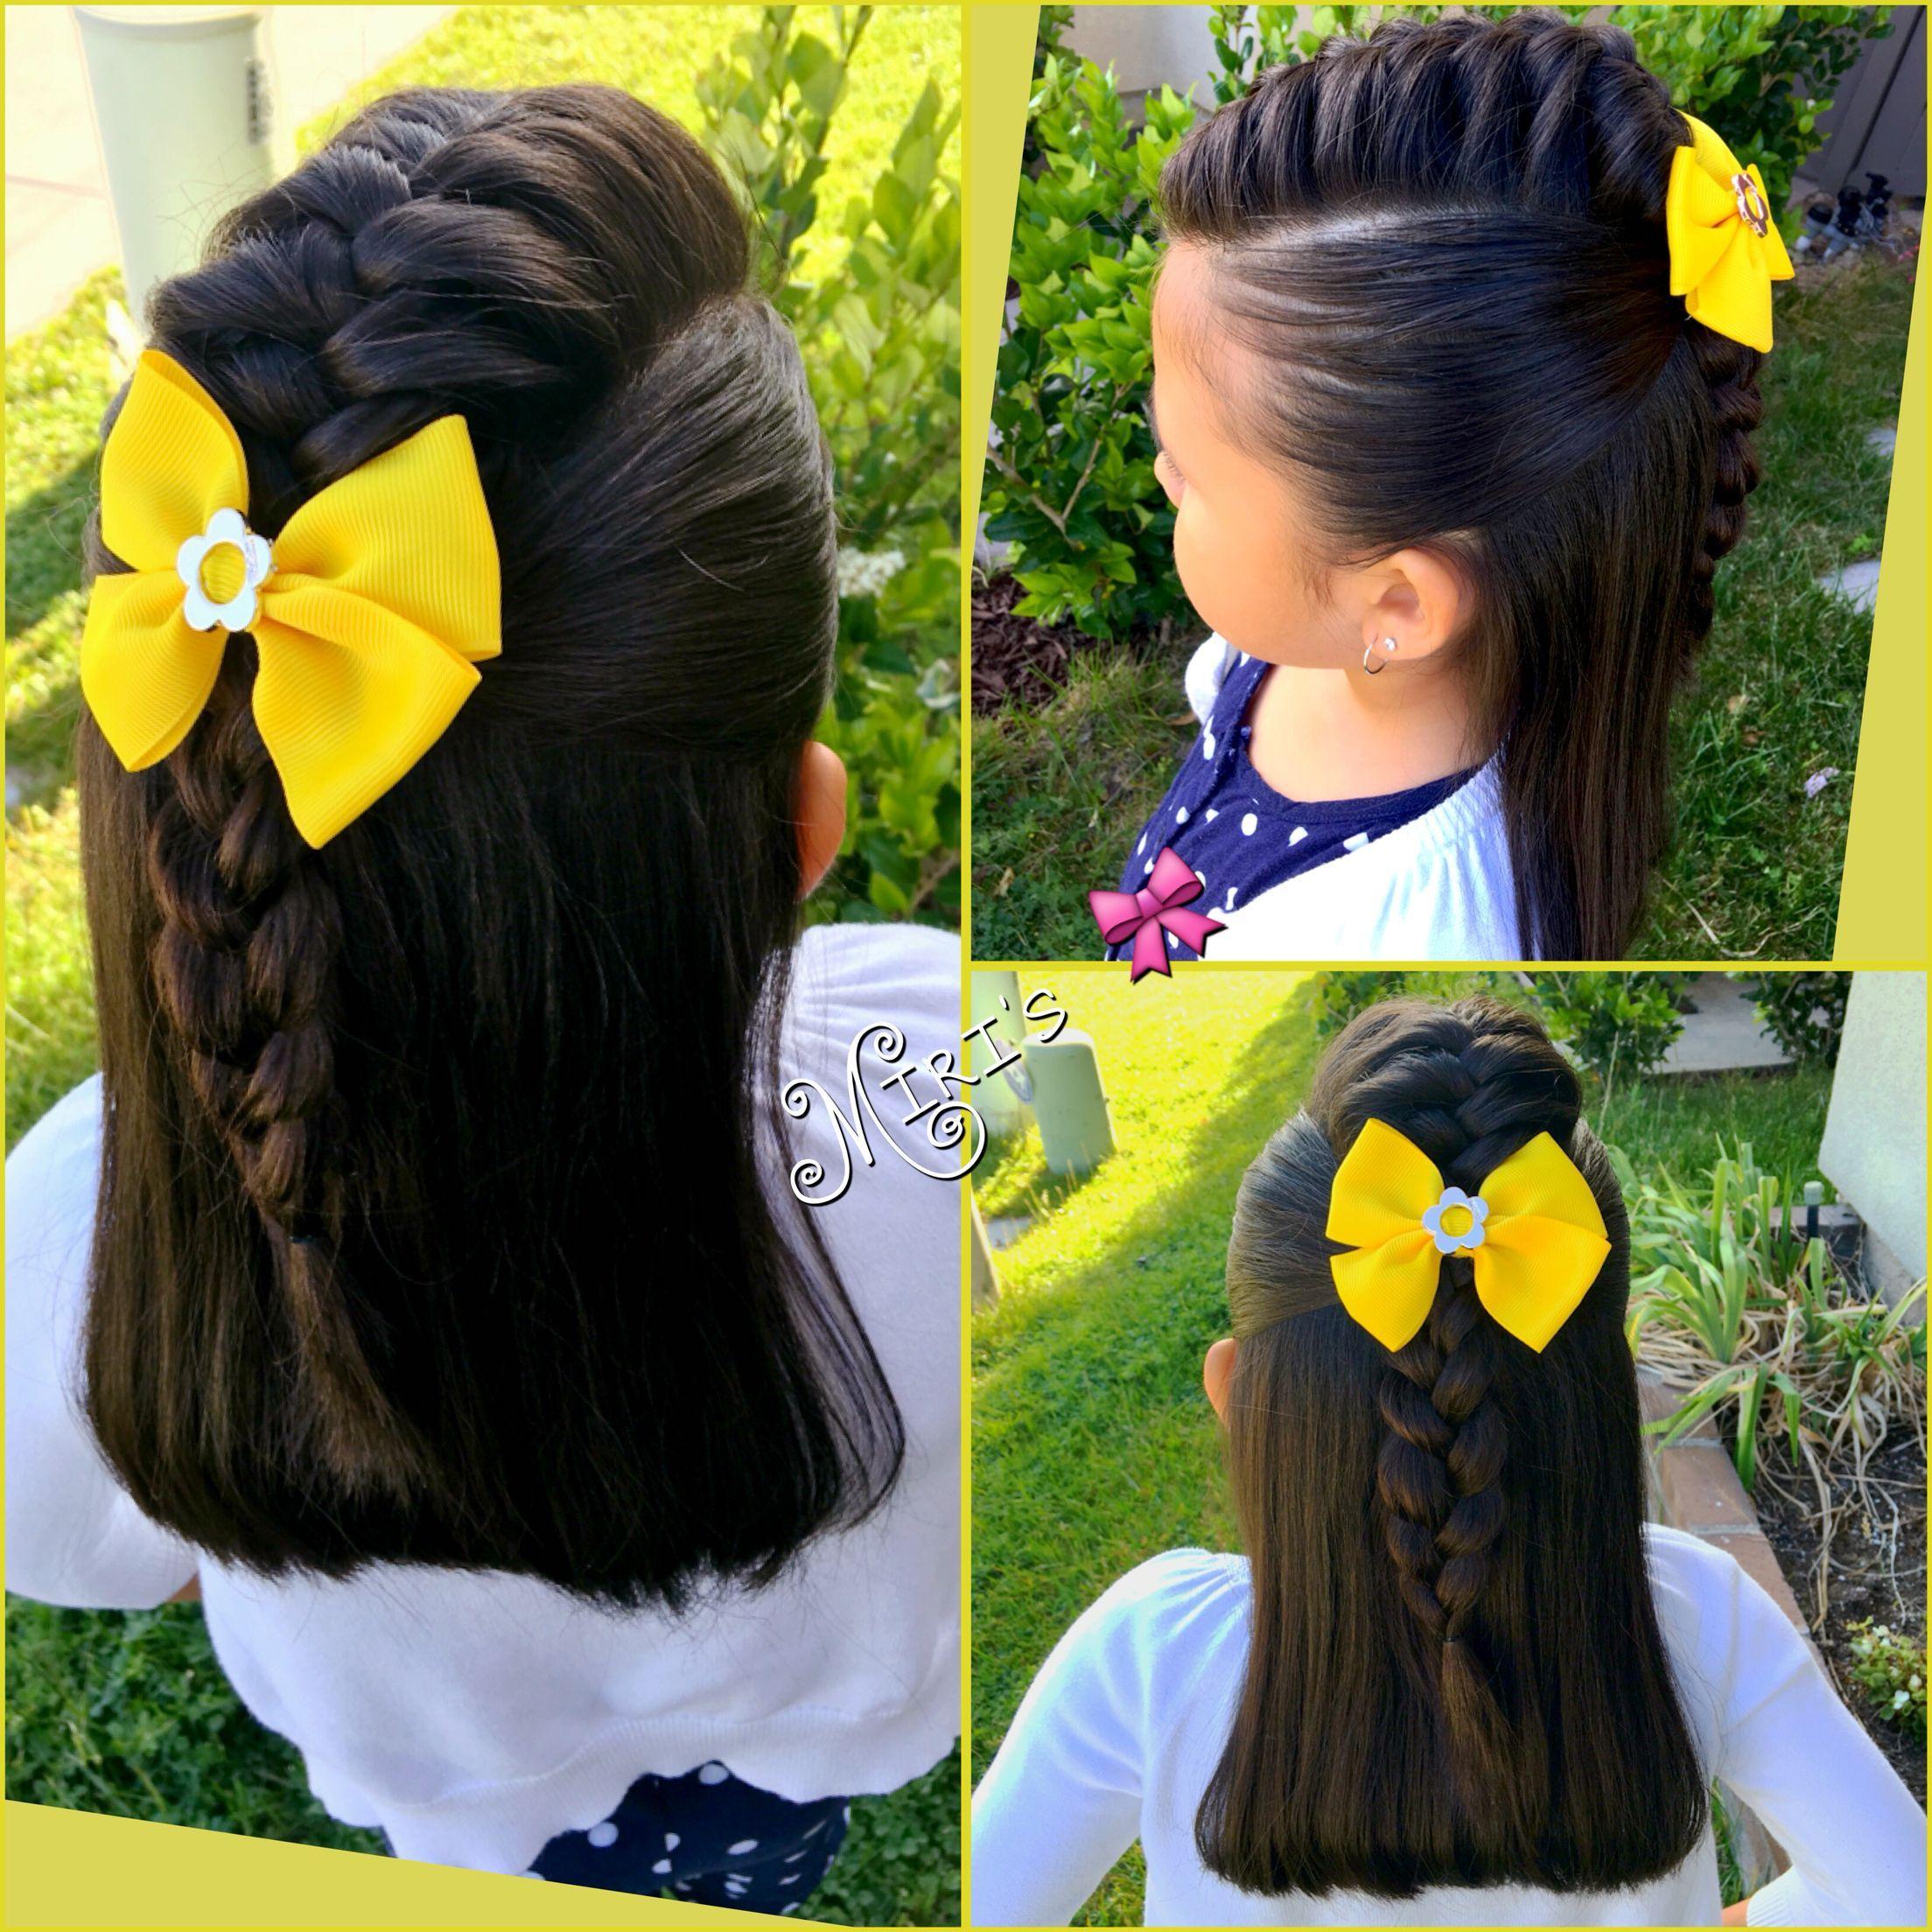 Mohawk hair style for little girls braidedhairstylesforlittlegirls